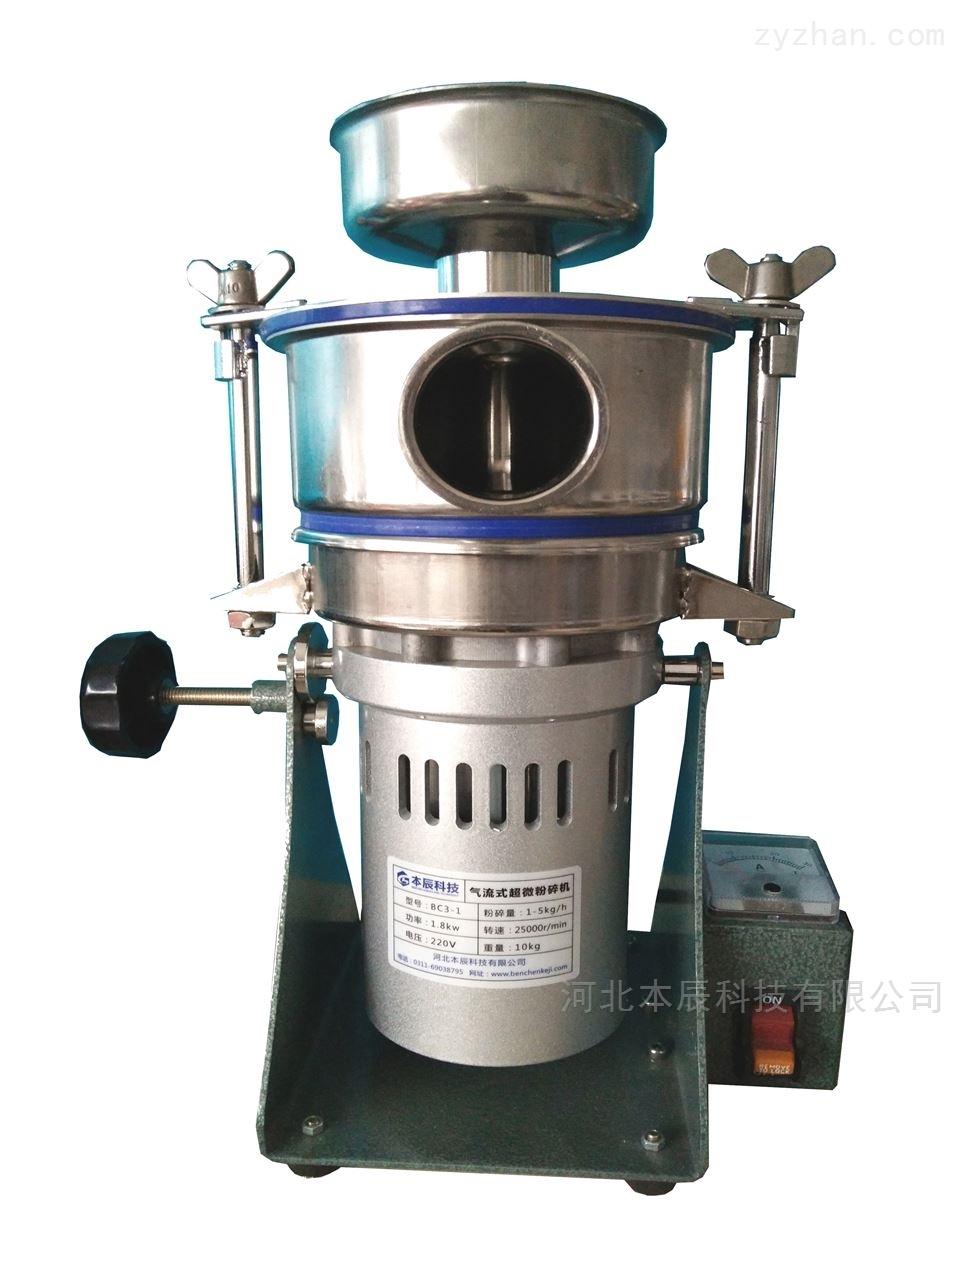 小型实验室科研所用超微粉碎机